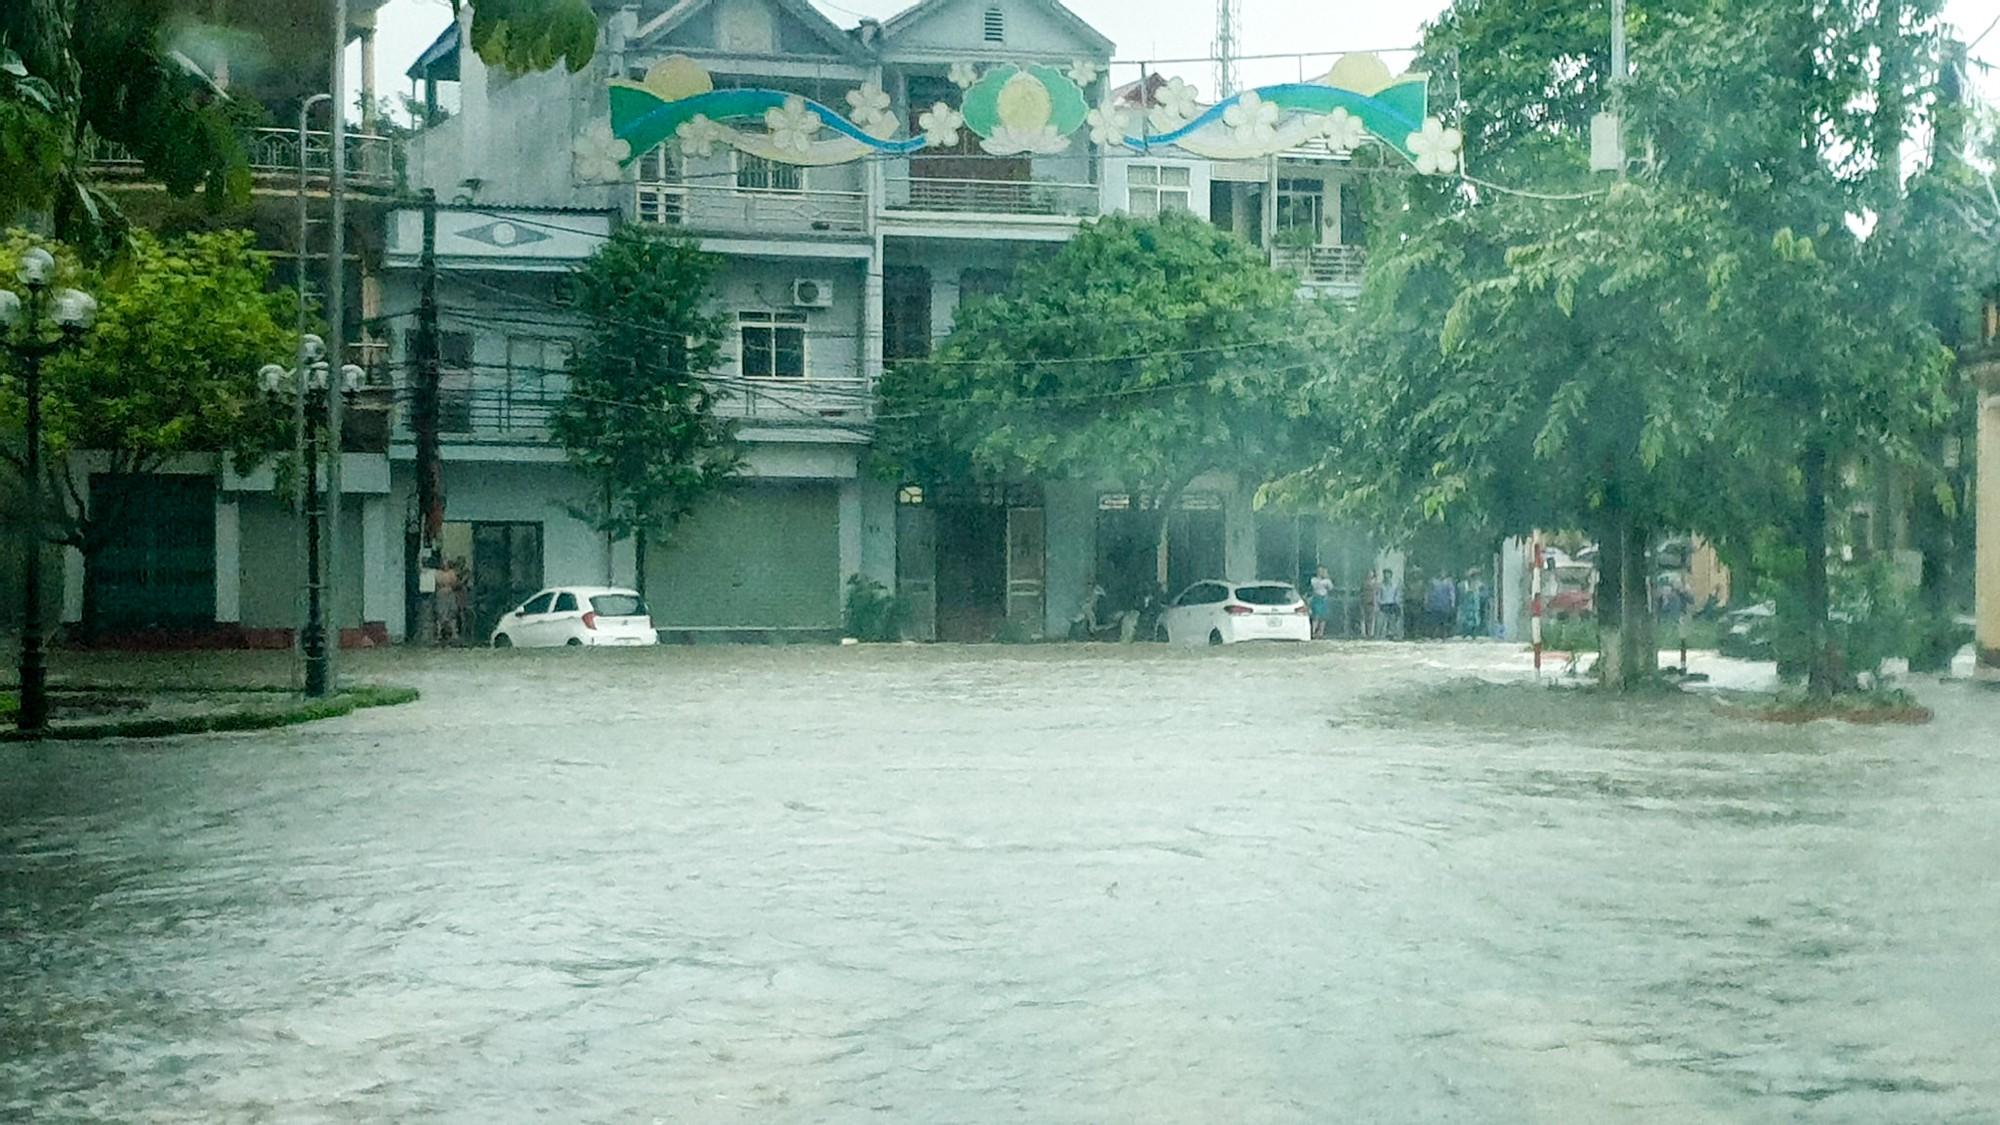 Sau trận mưa lớn kéo dài,  TP Thái Nguyên ngập sâu trong biển nước25